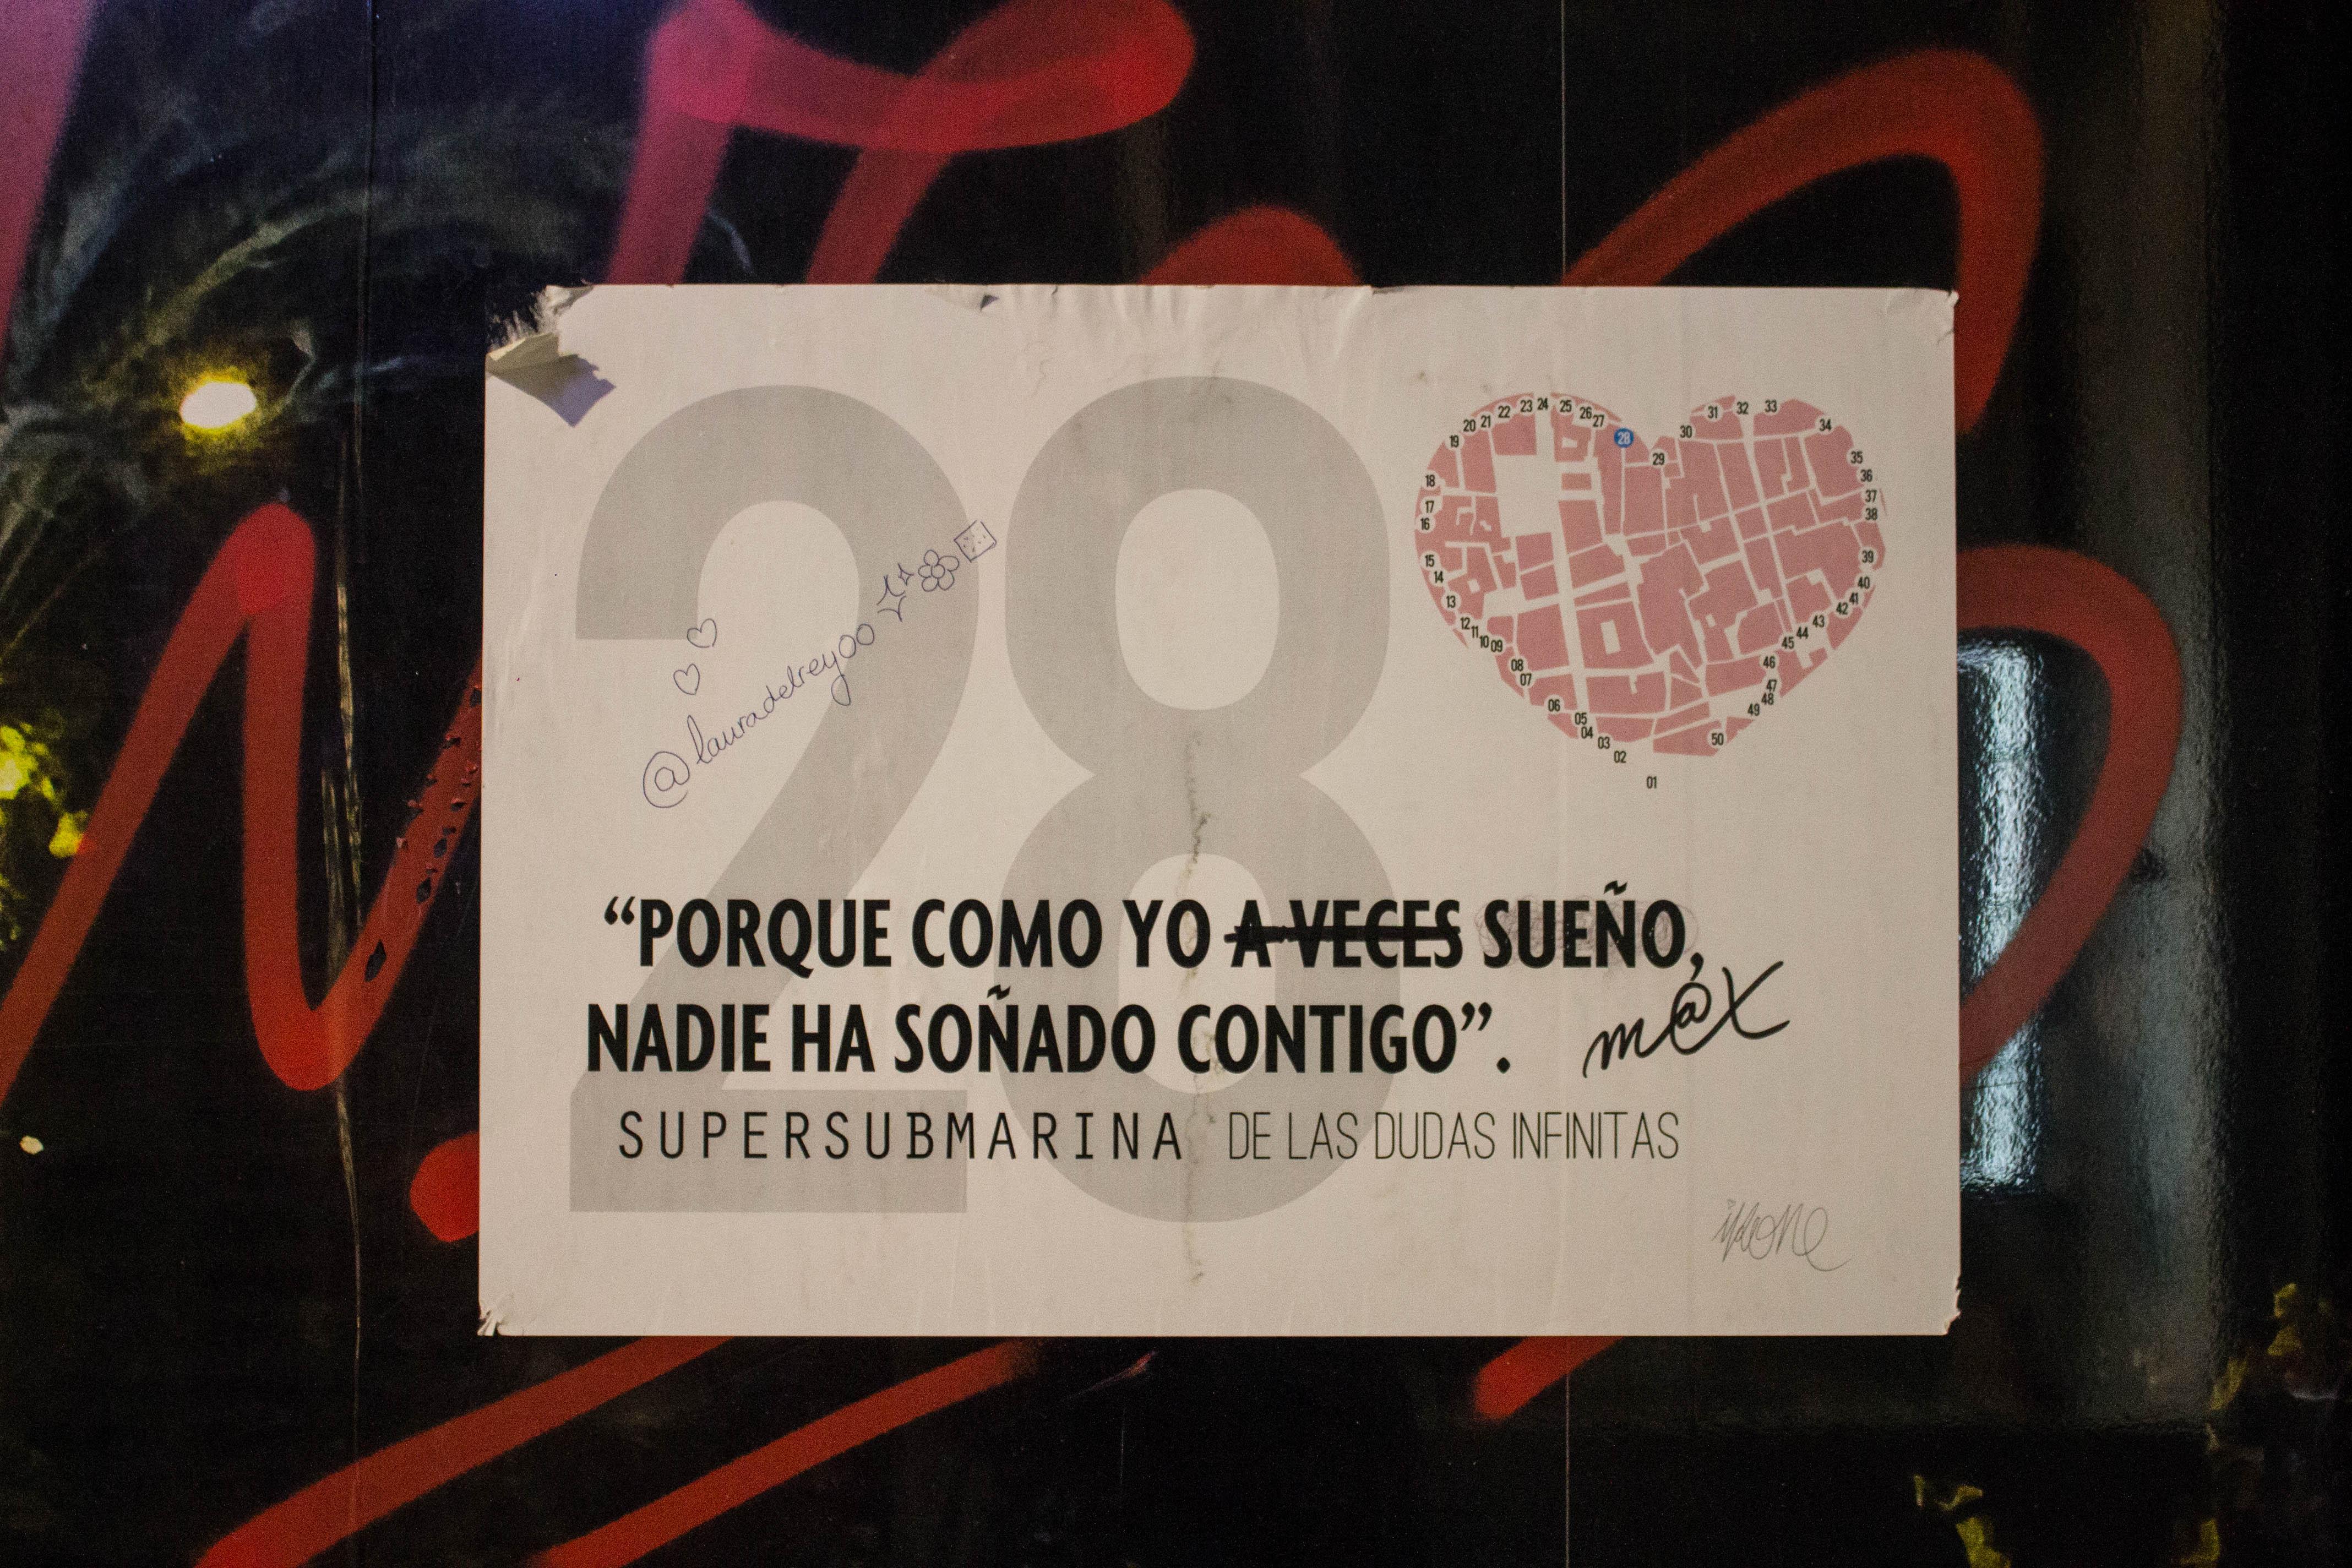 Anoche paseando por Murcia nos encontramos con un cartel que nos llam³ la atenci³n Era una frase de Supersubmarina a pa±ada de un nºmero y un peque±o